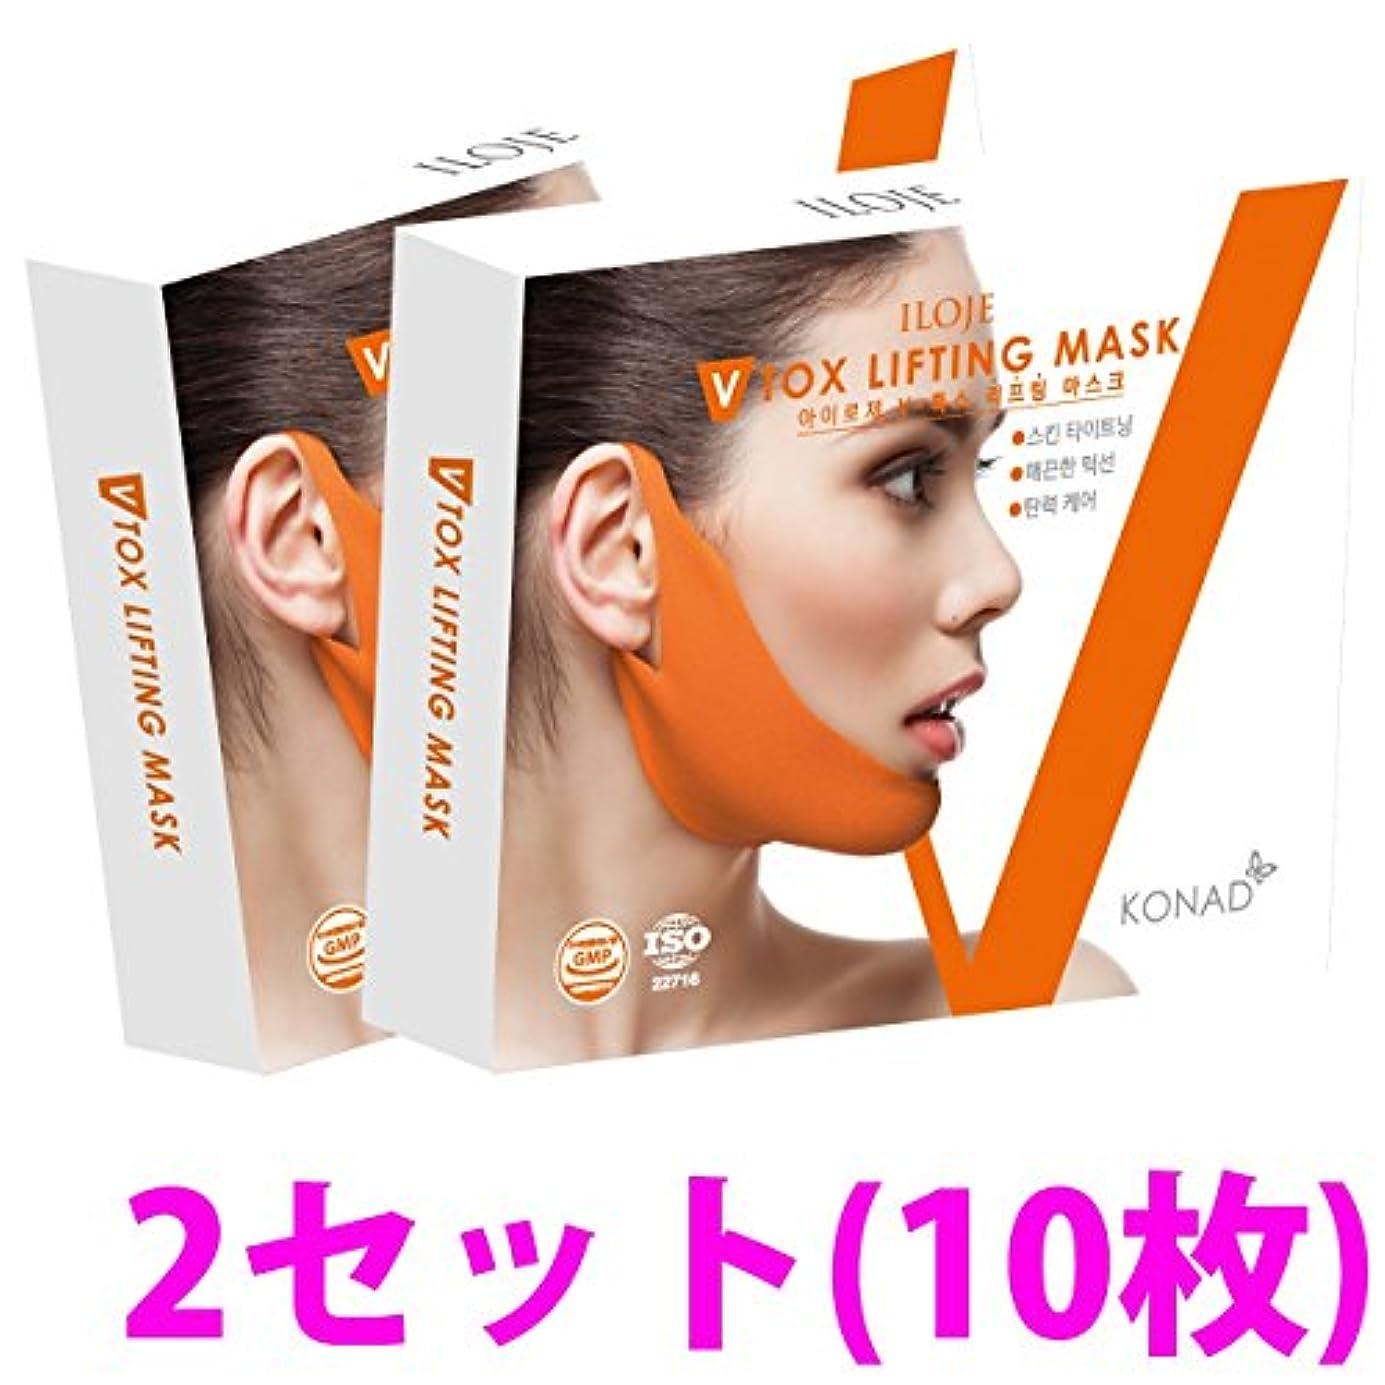 最大限死気晴らし女性の年齢は顎の輪郭で決まる!V-TOXリフティングマスクパック 2セット(10枚)